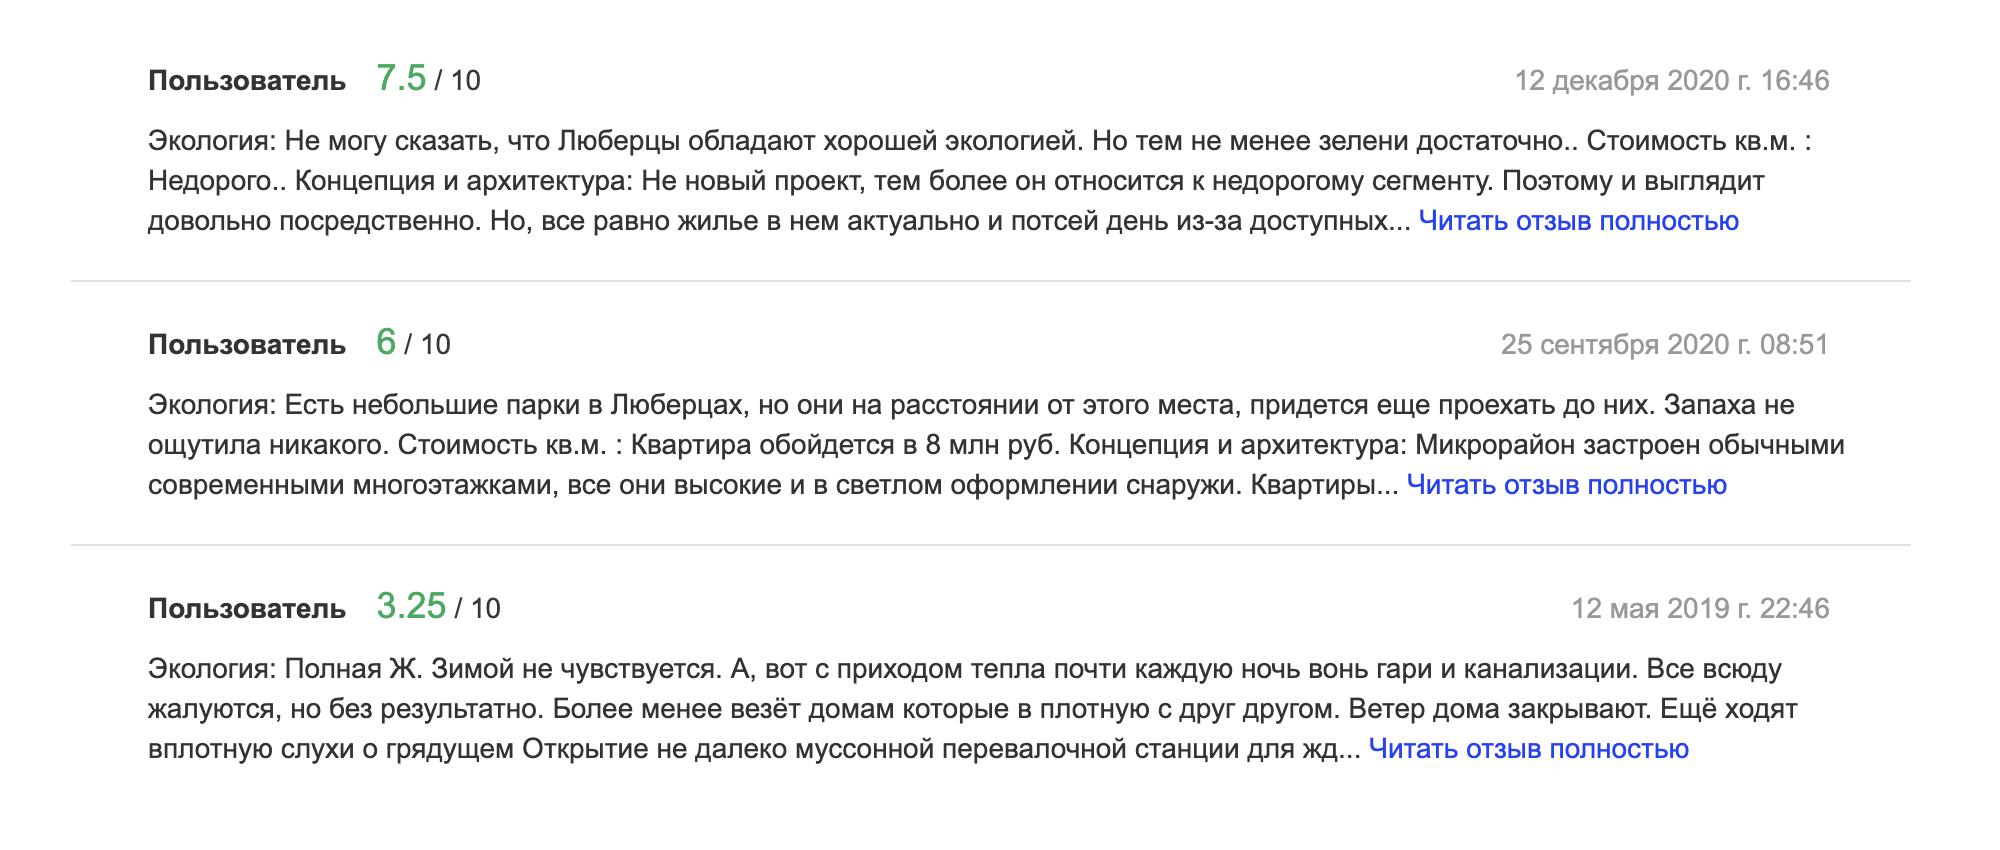 Эти отзывы я нагуглила по запросу «Красная Горка отзывы». Мнебы их хватило, чтобы не покупать квартиру в этом районе. Источник: Restate